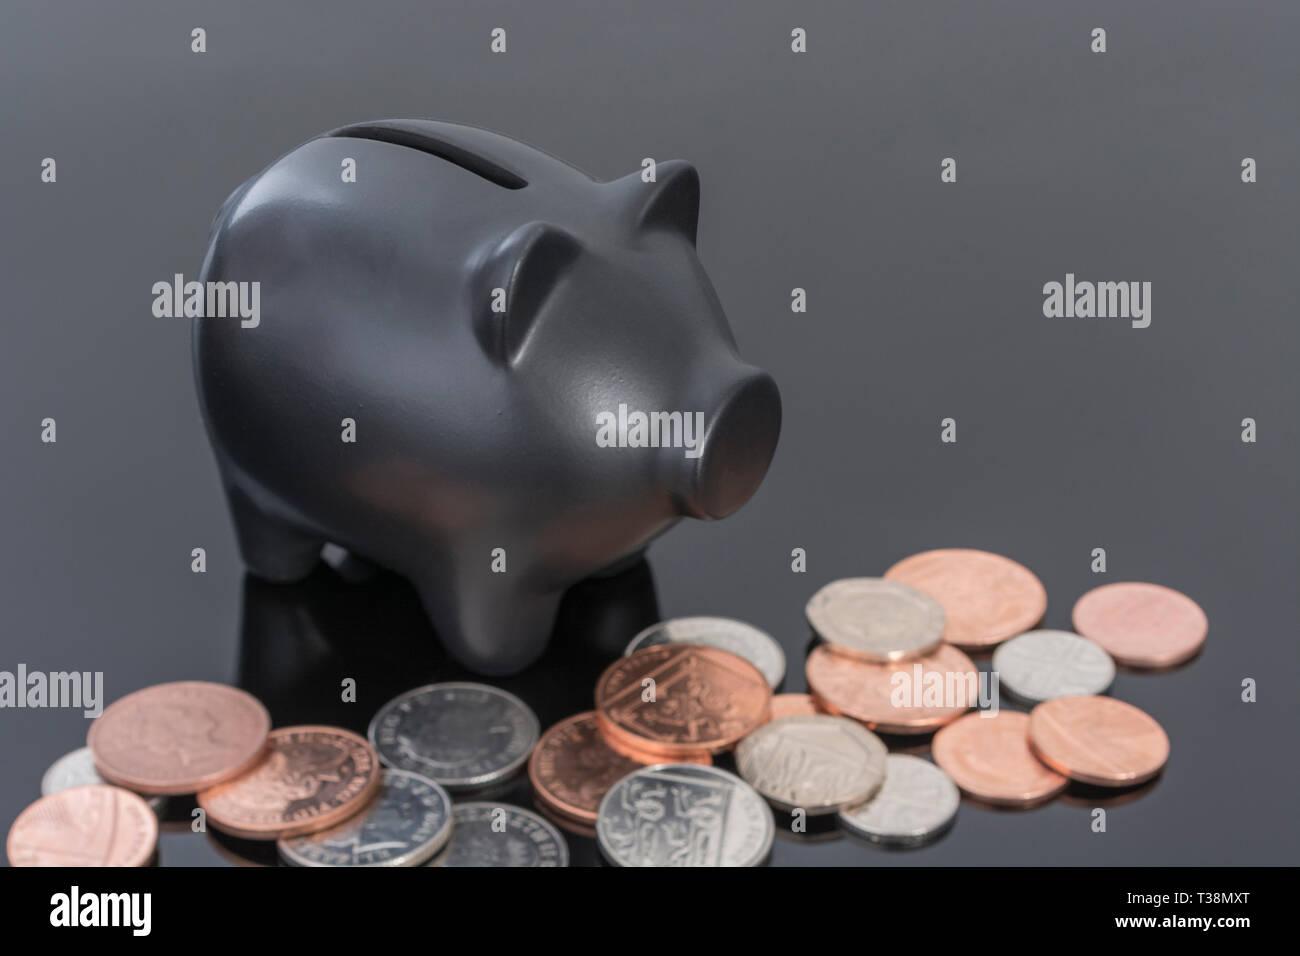 Hucha de cerámica negra con monedas británicas sobre fondo negro reflectante. Metáfora para ahorrar dinero, los ahorros personales. Foto de stock